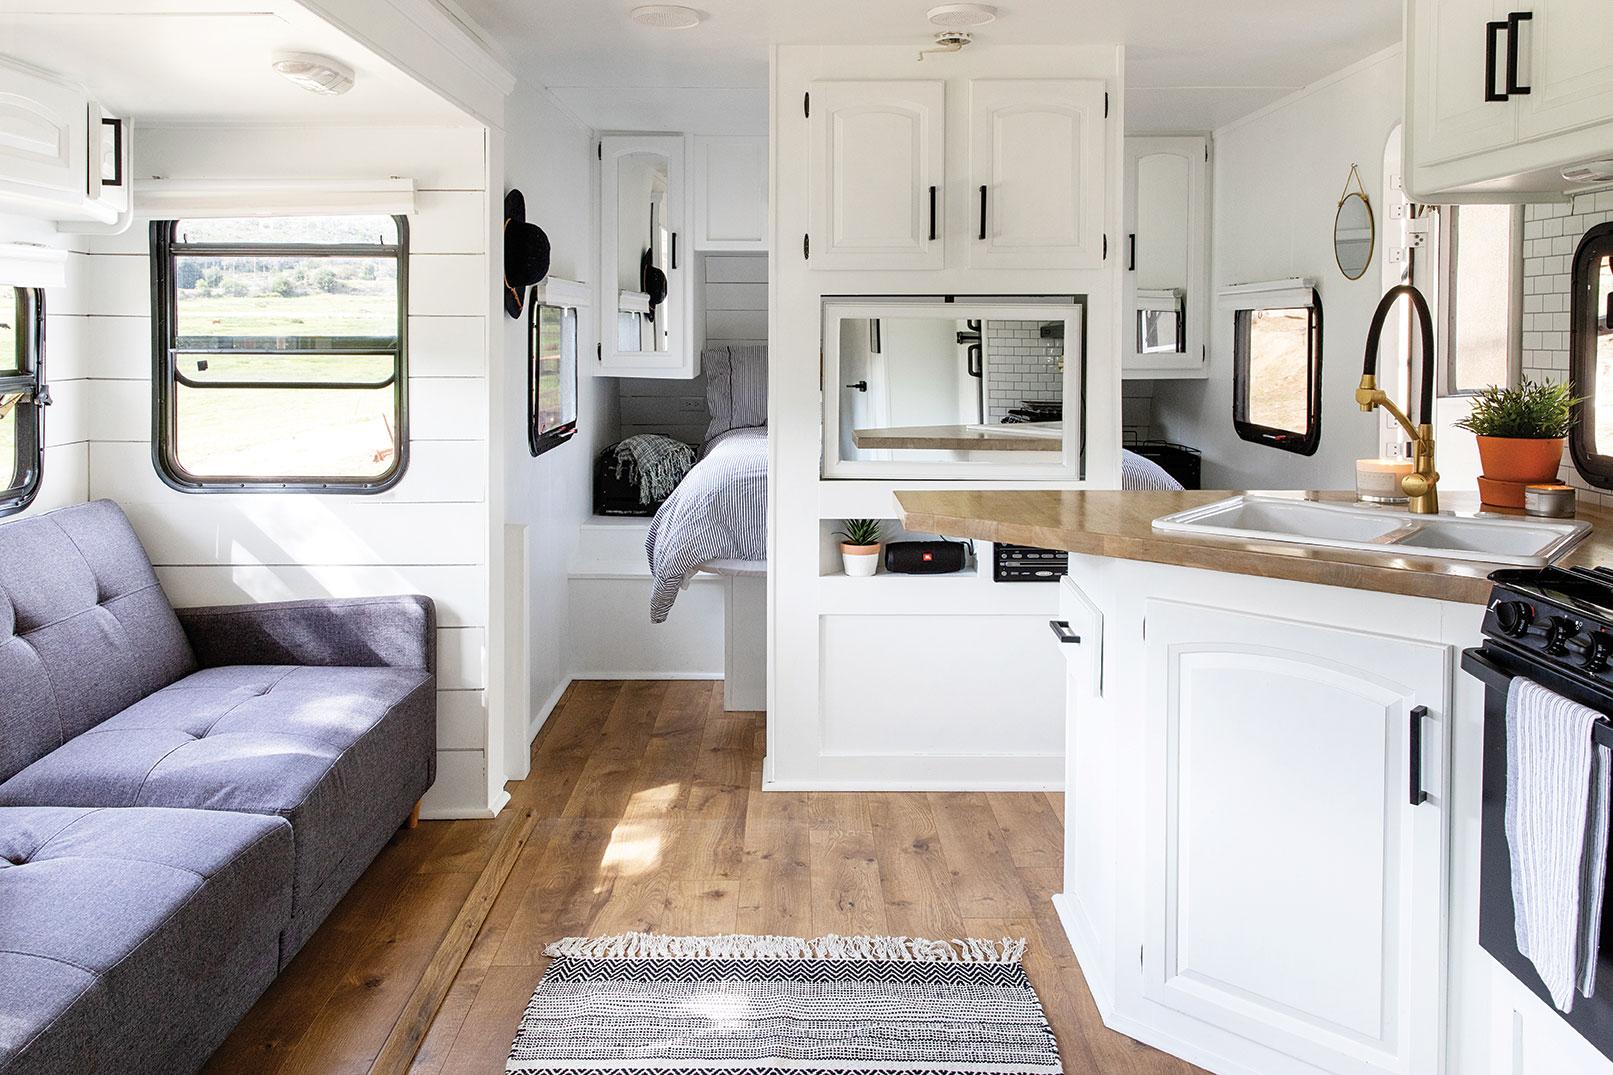 walker campers san diego trailer RV camper rental renovation design white interior